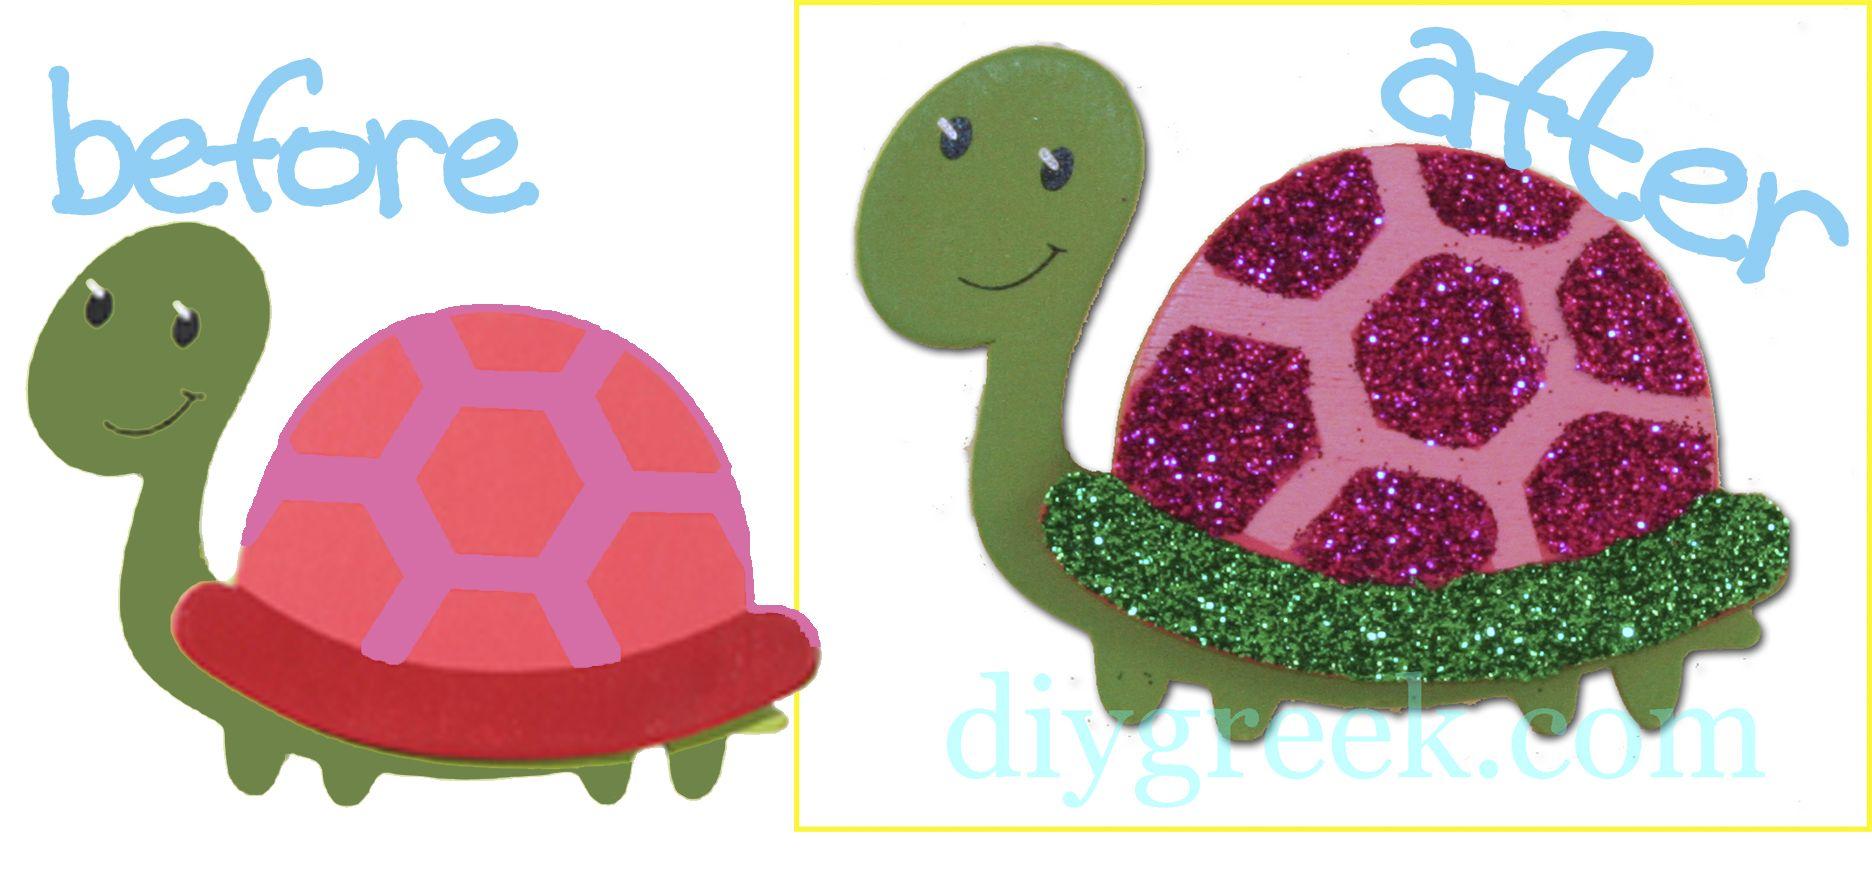 Glitter Turtle Symbol For Delta Zeta Sorority Craft Little Sister